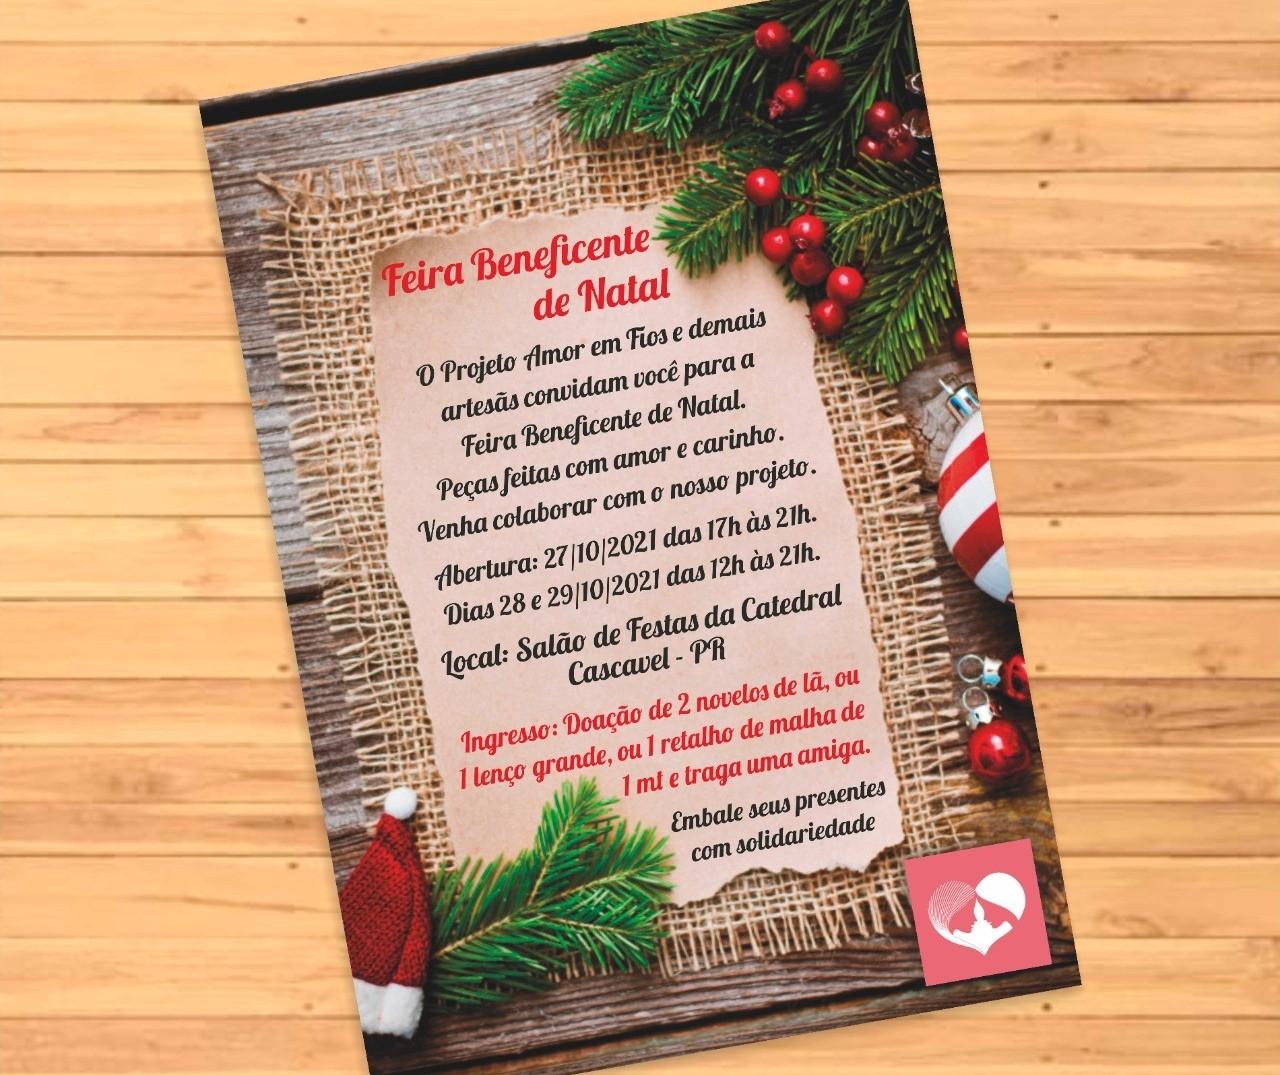 Projeto Amor em Fios promove Feira Beneficente de Natal em Cascavel